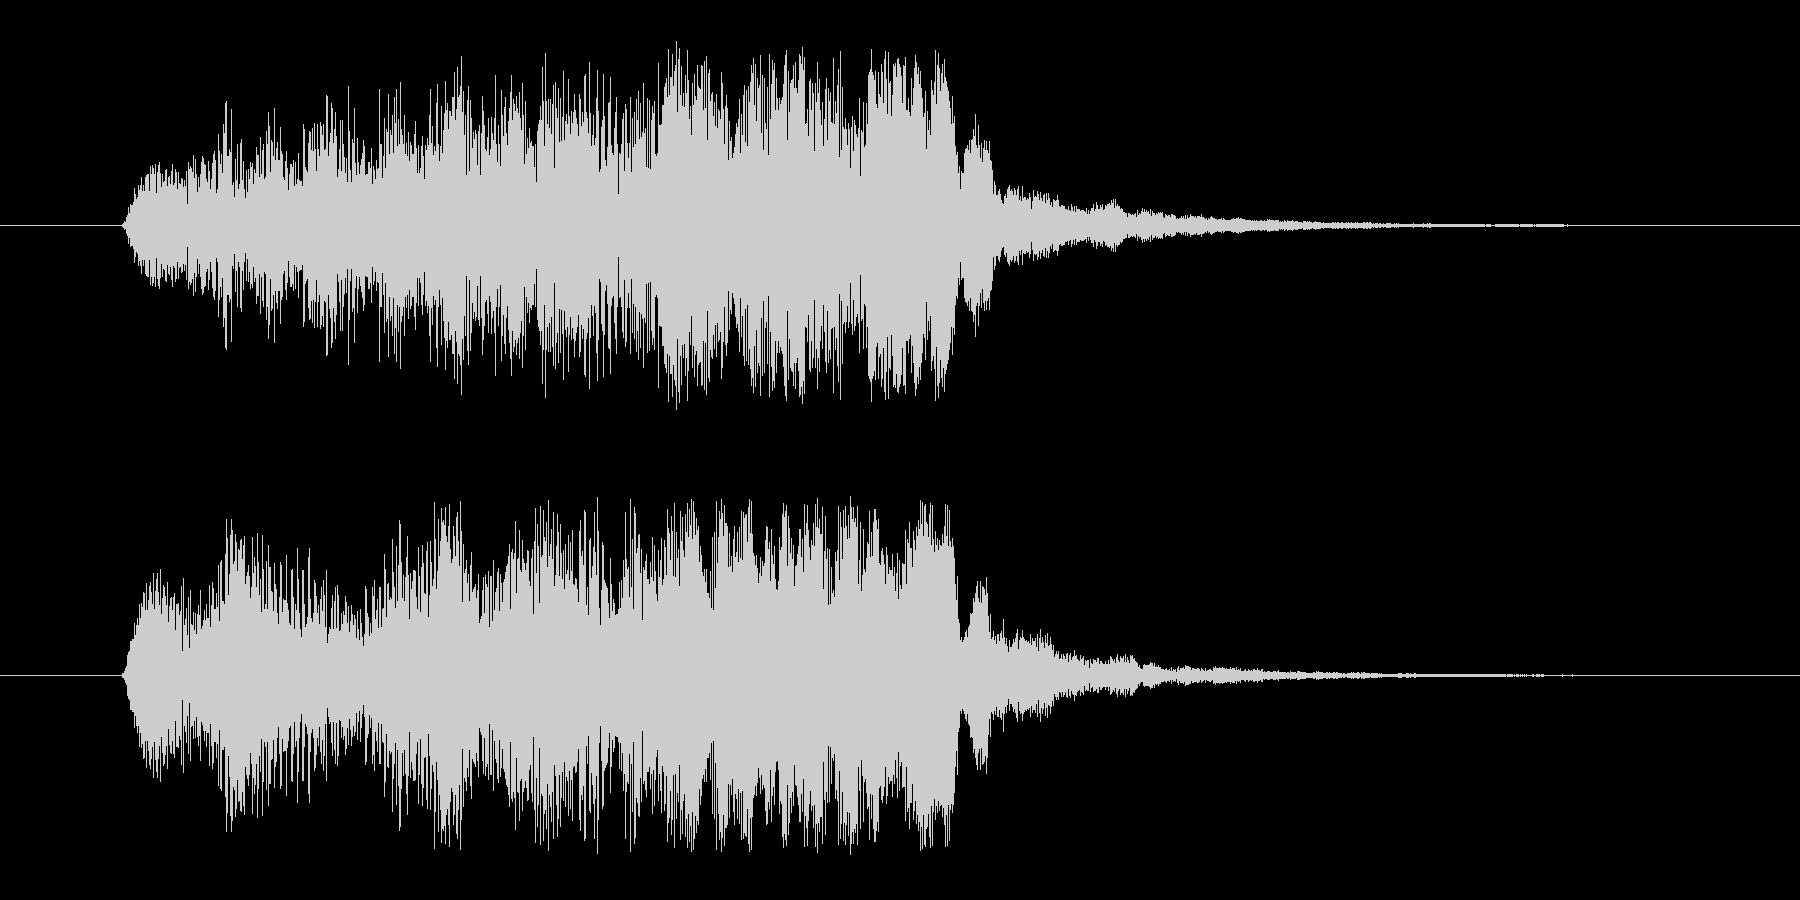 エンカウントジングルの未再生の波形